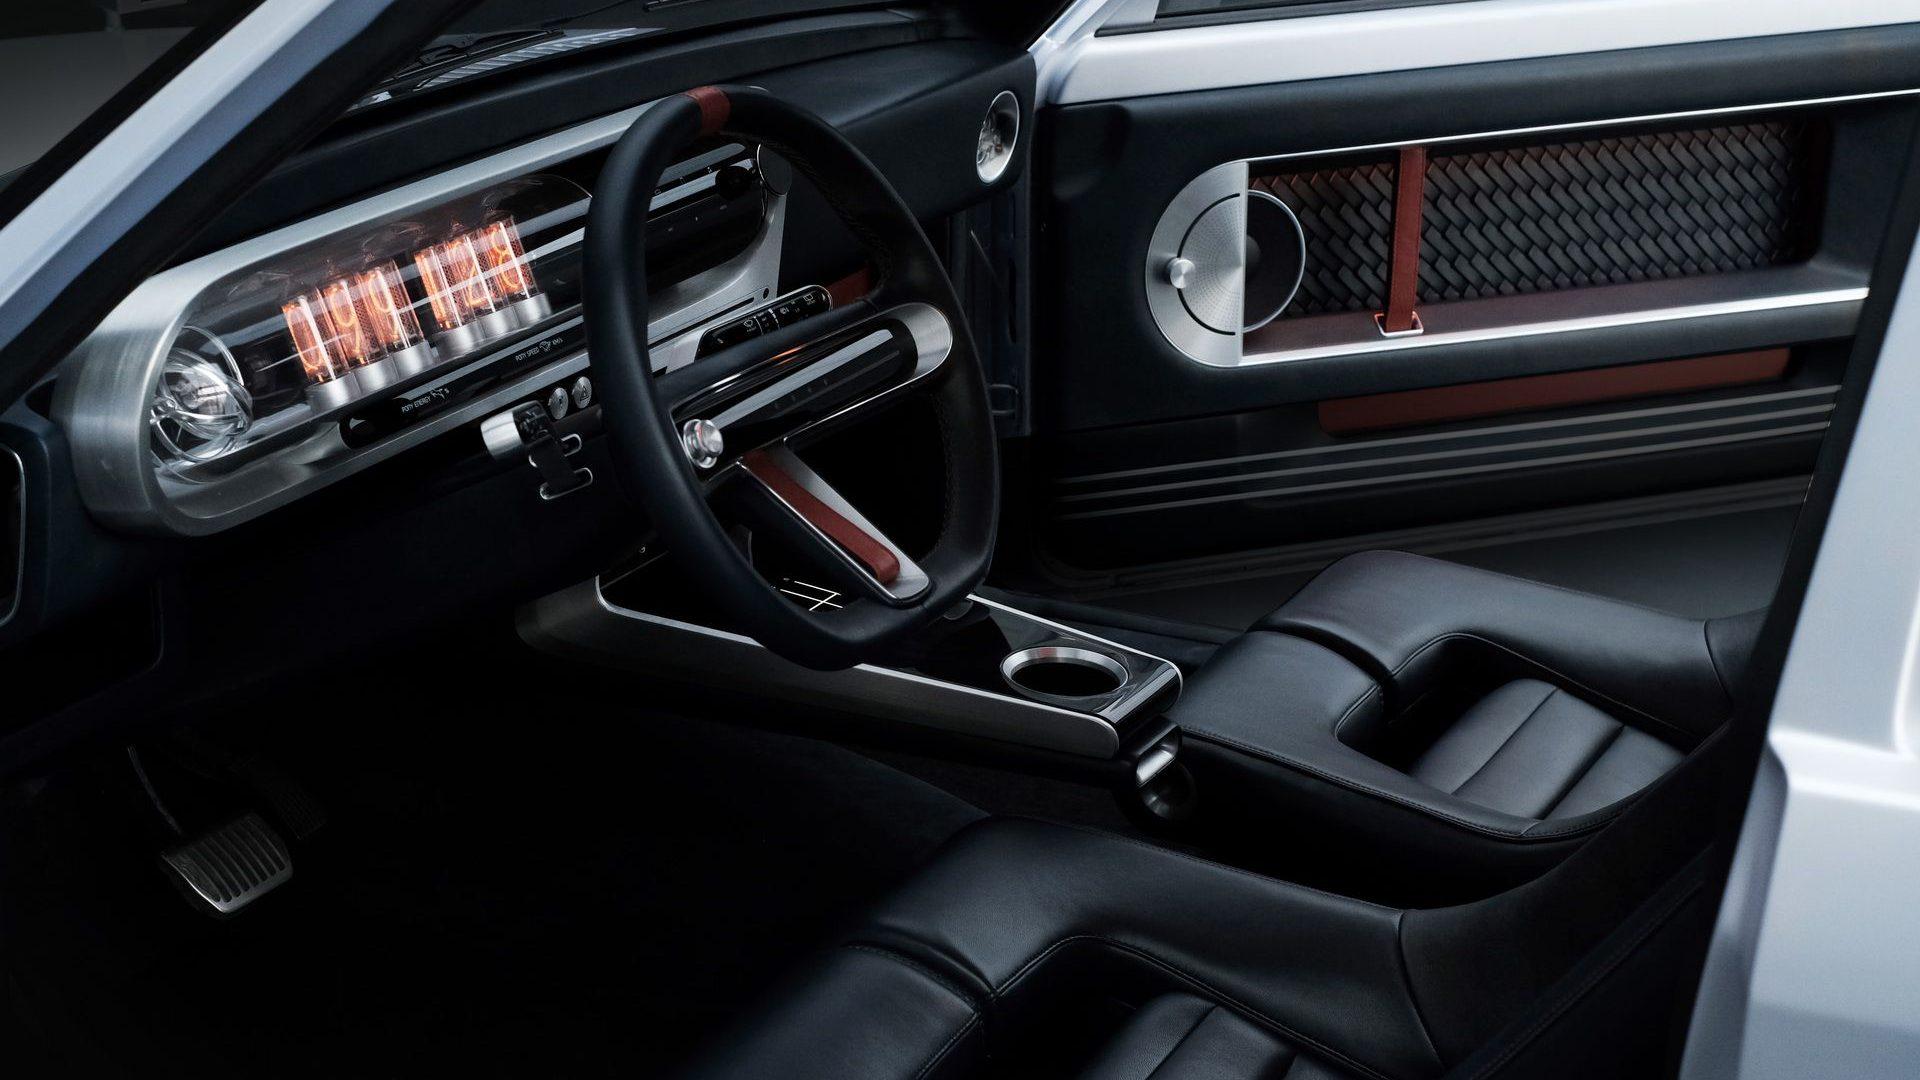 2021-Hyundai-Pony-EV-Show-Car-Interior-02